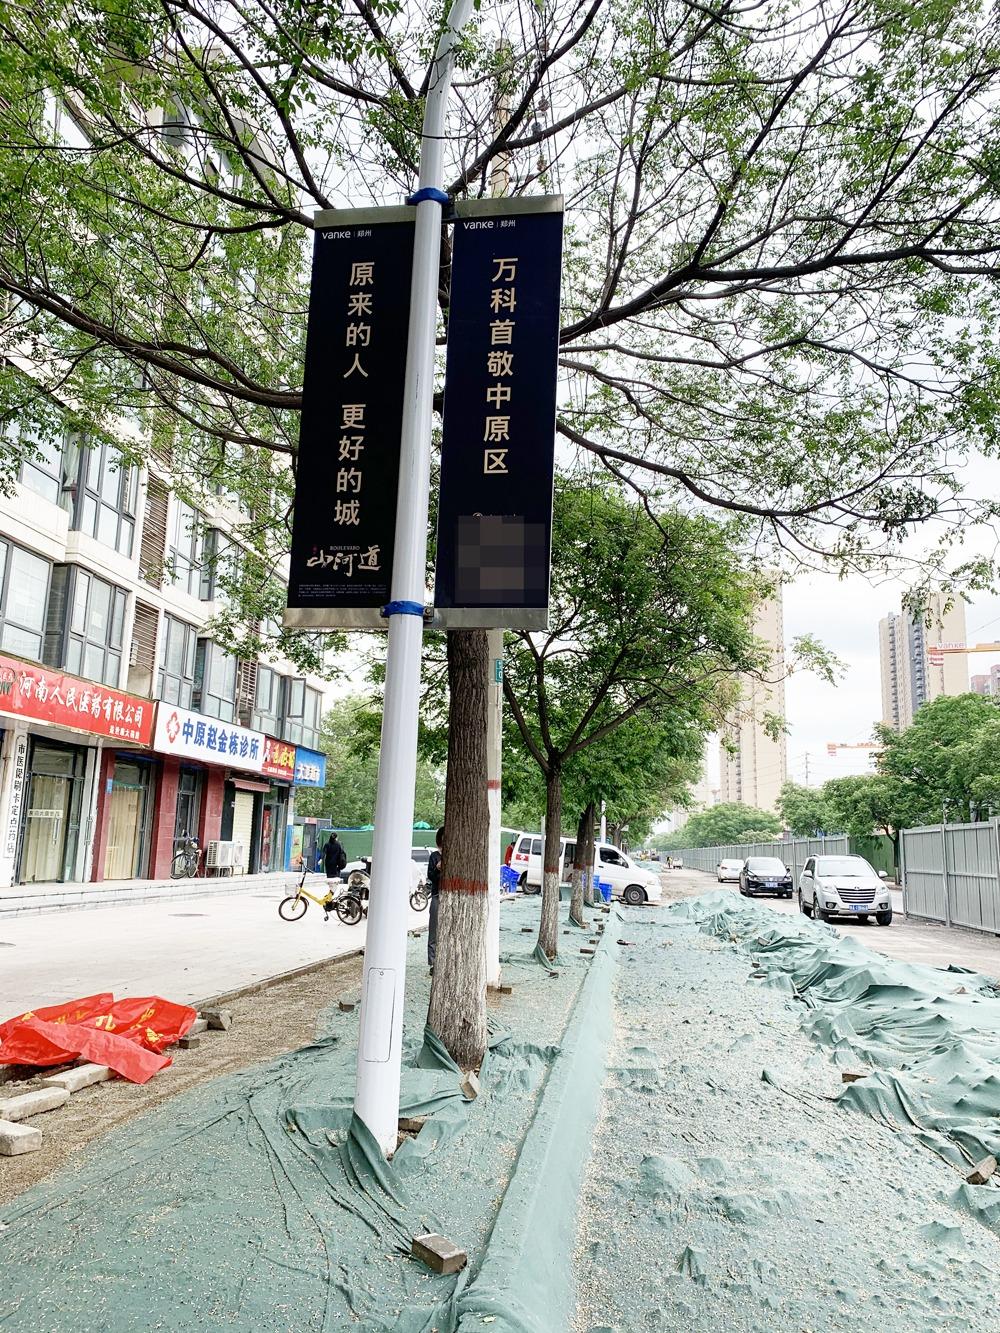 未取得预售证,郑州万科山河道项目疑违规发布户外广告